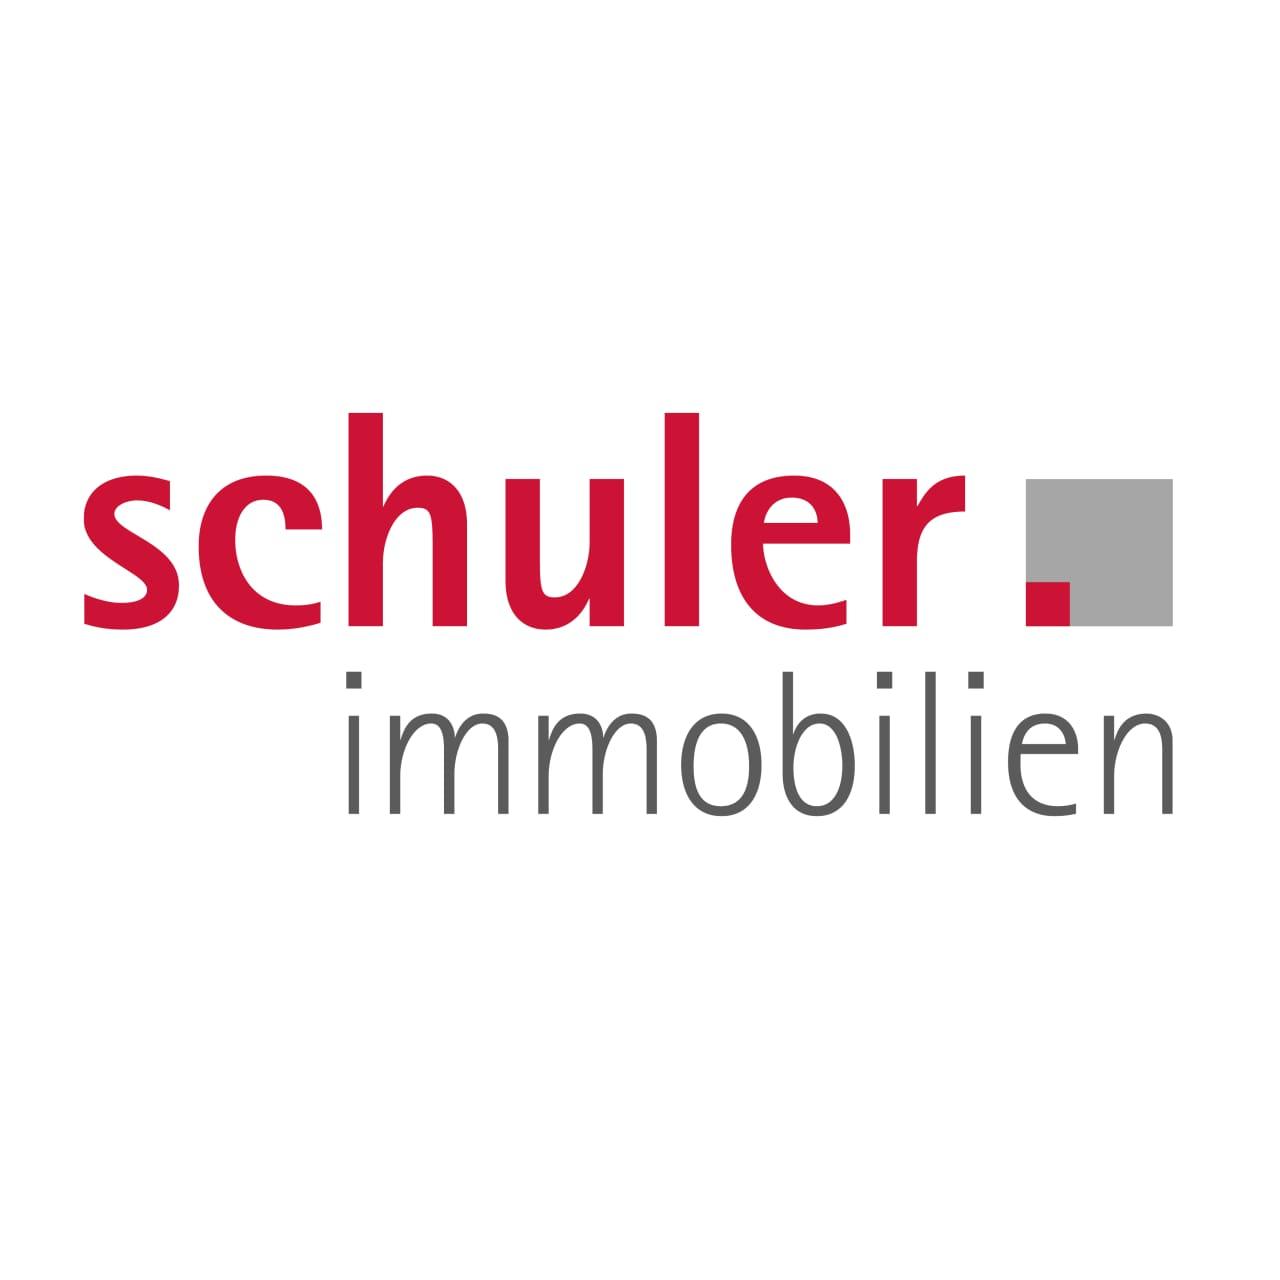 Firmenlogo schuler immobilien GmbH